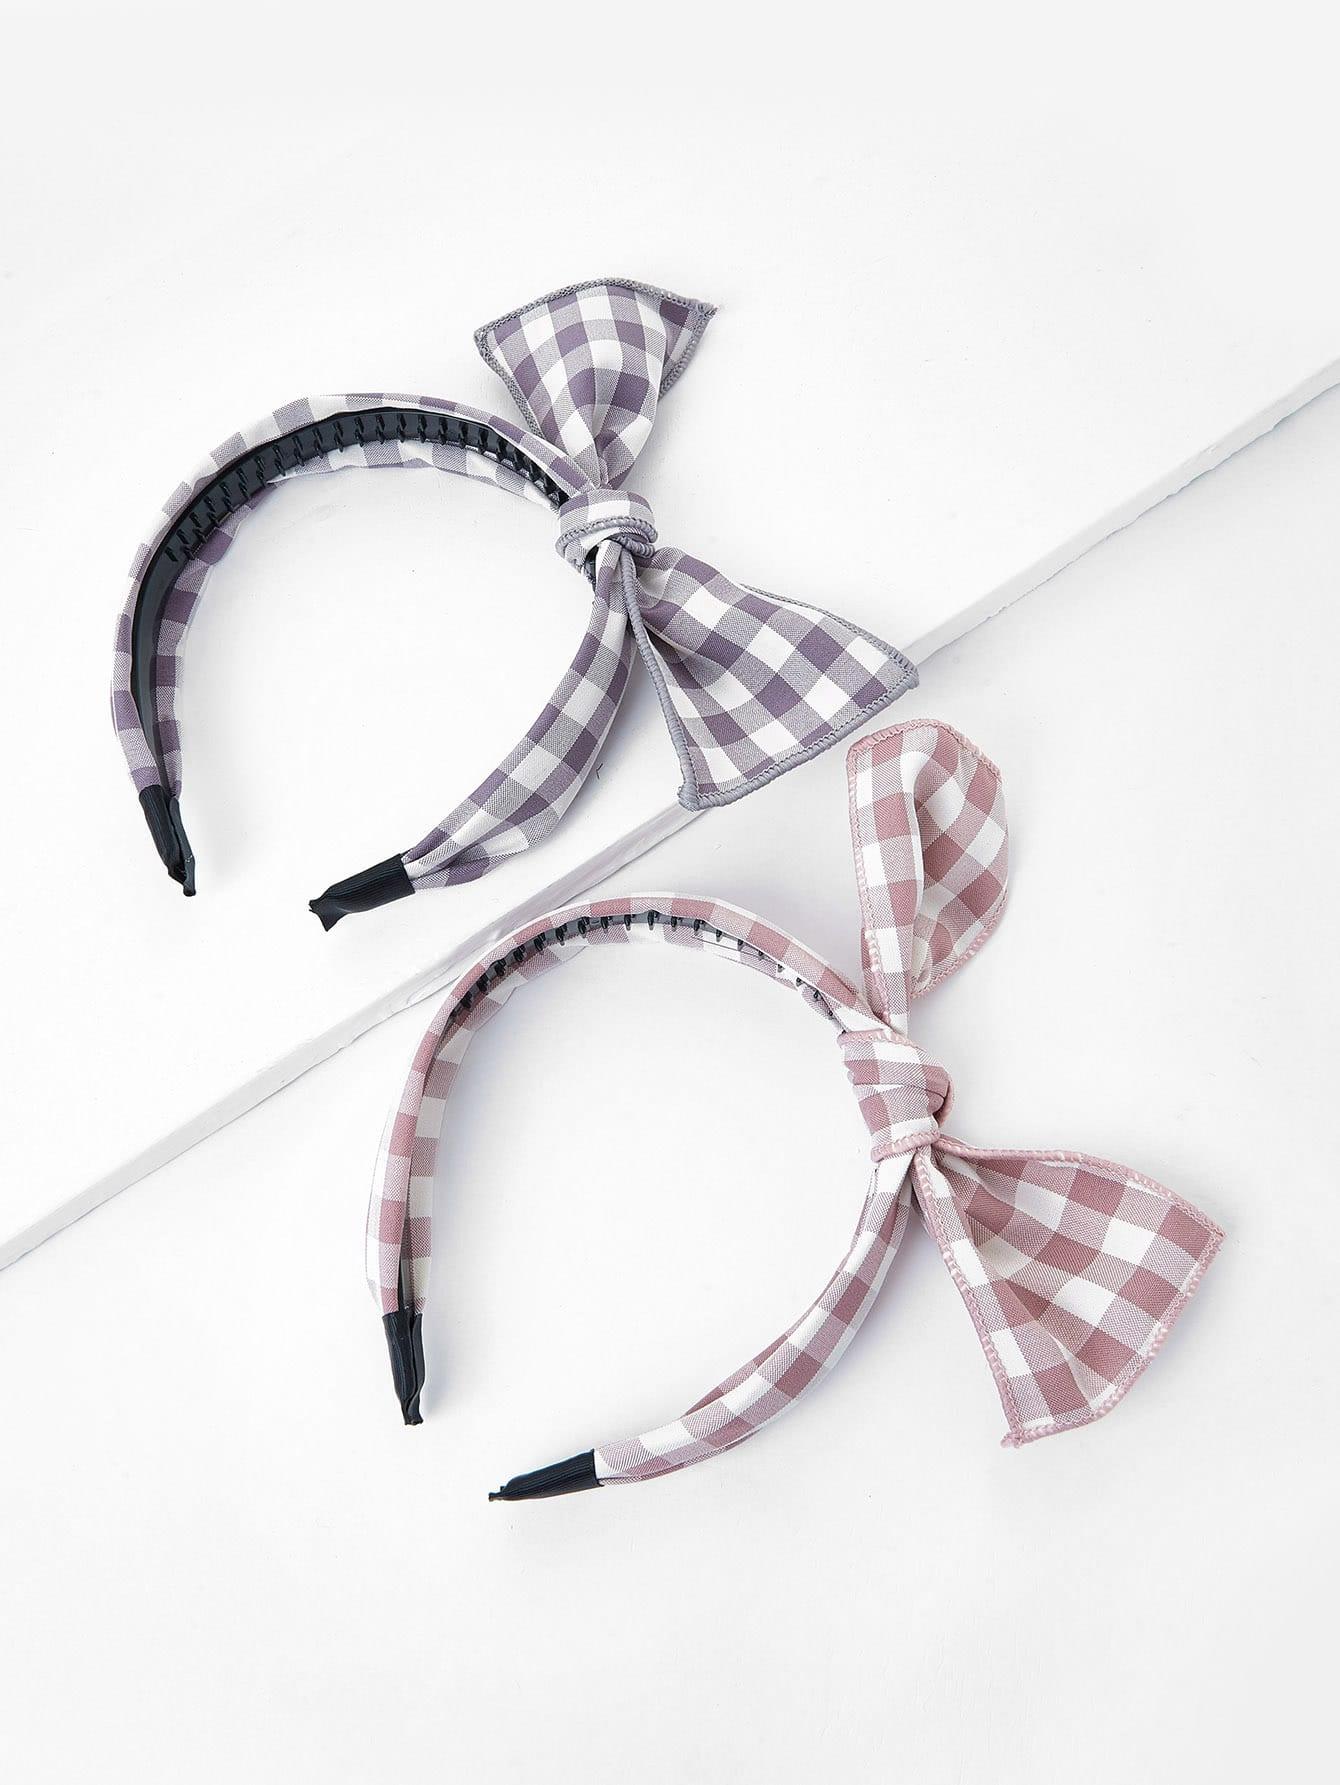 Bow Tie Headband 2pcs stretchy ruffled garter 2pcs with bow tie